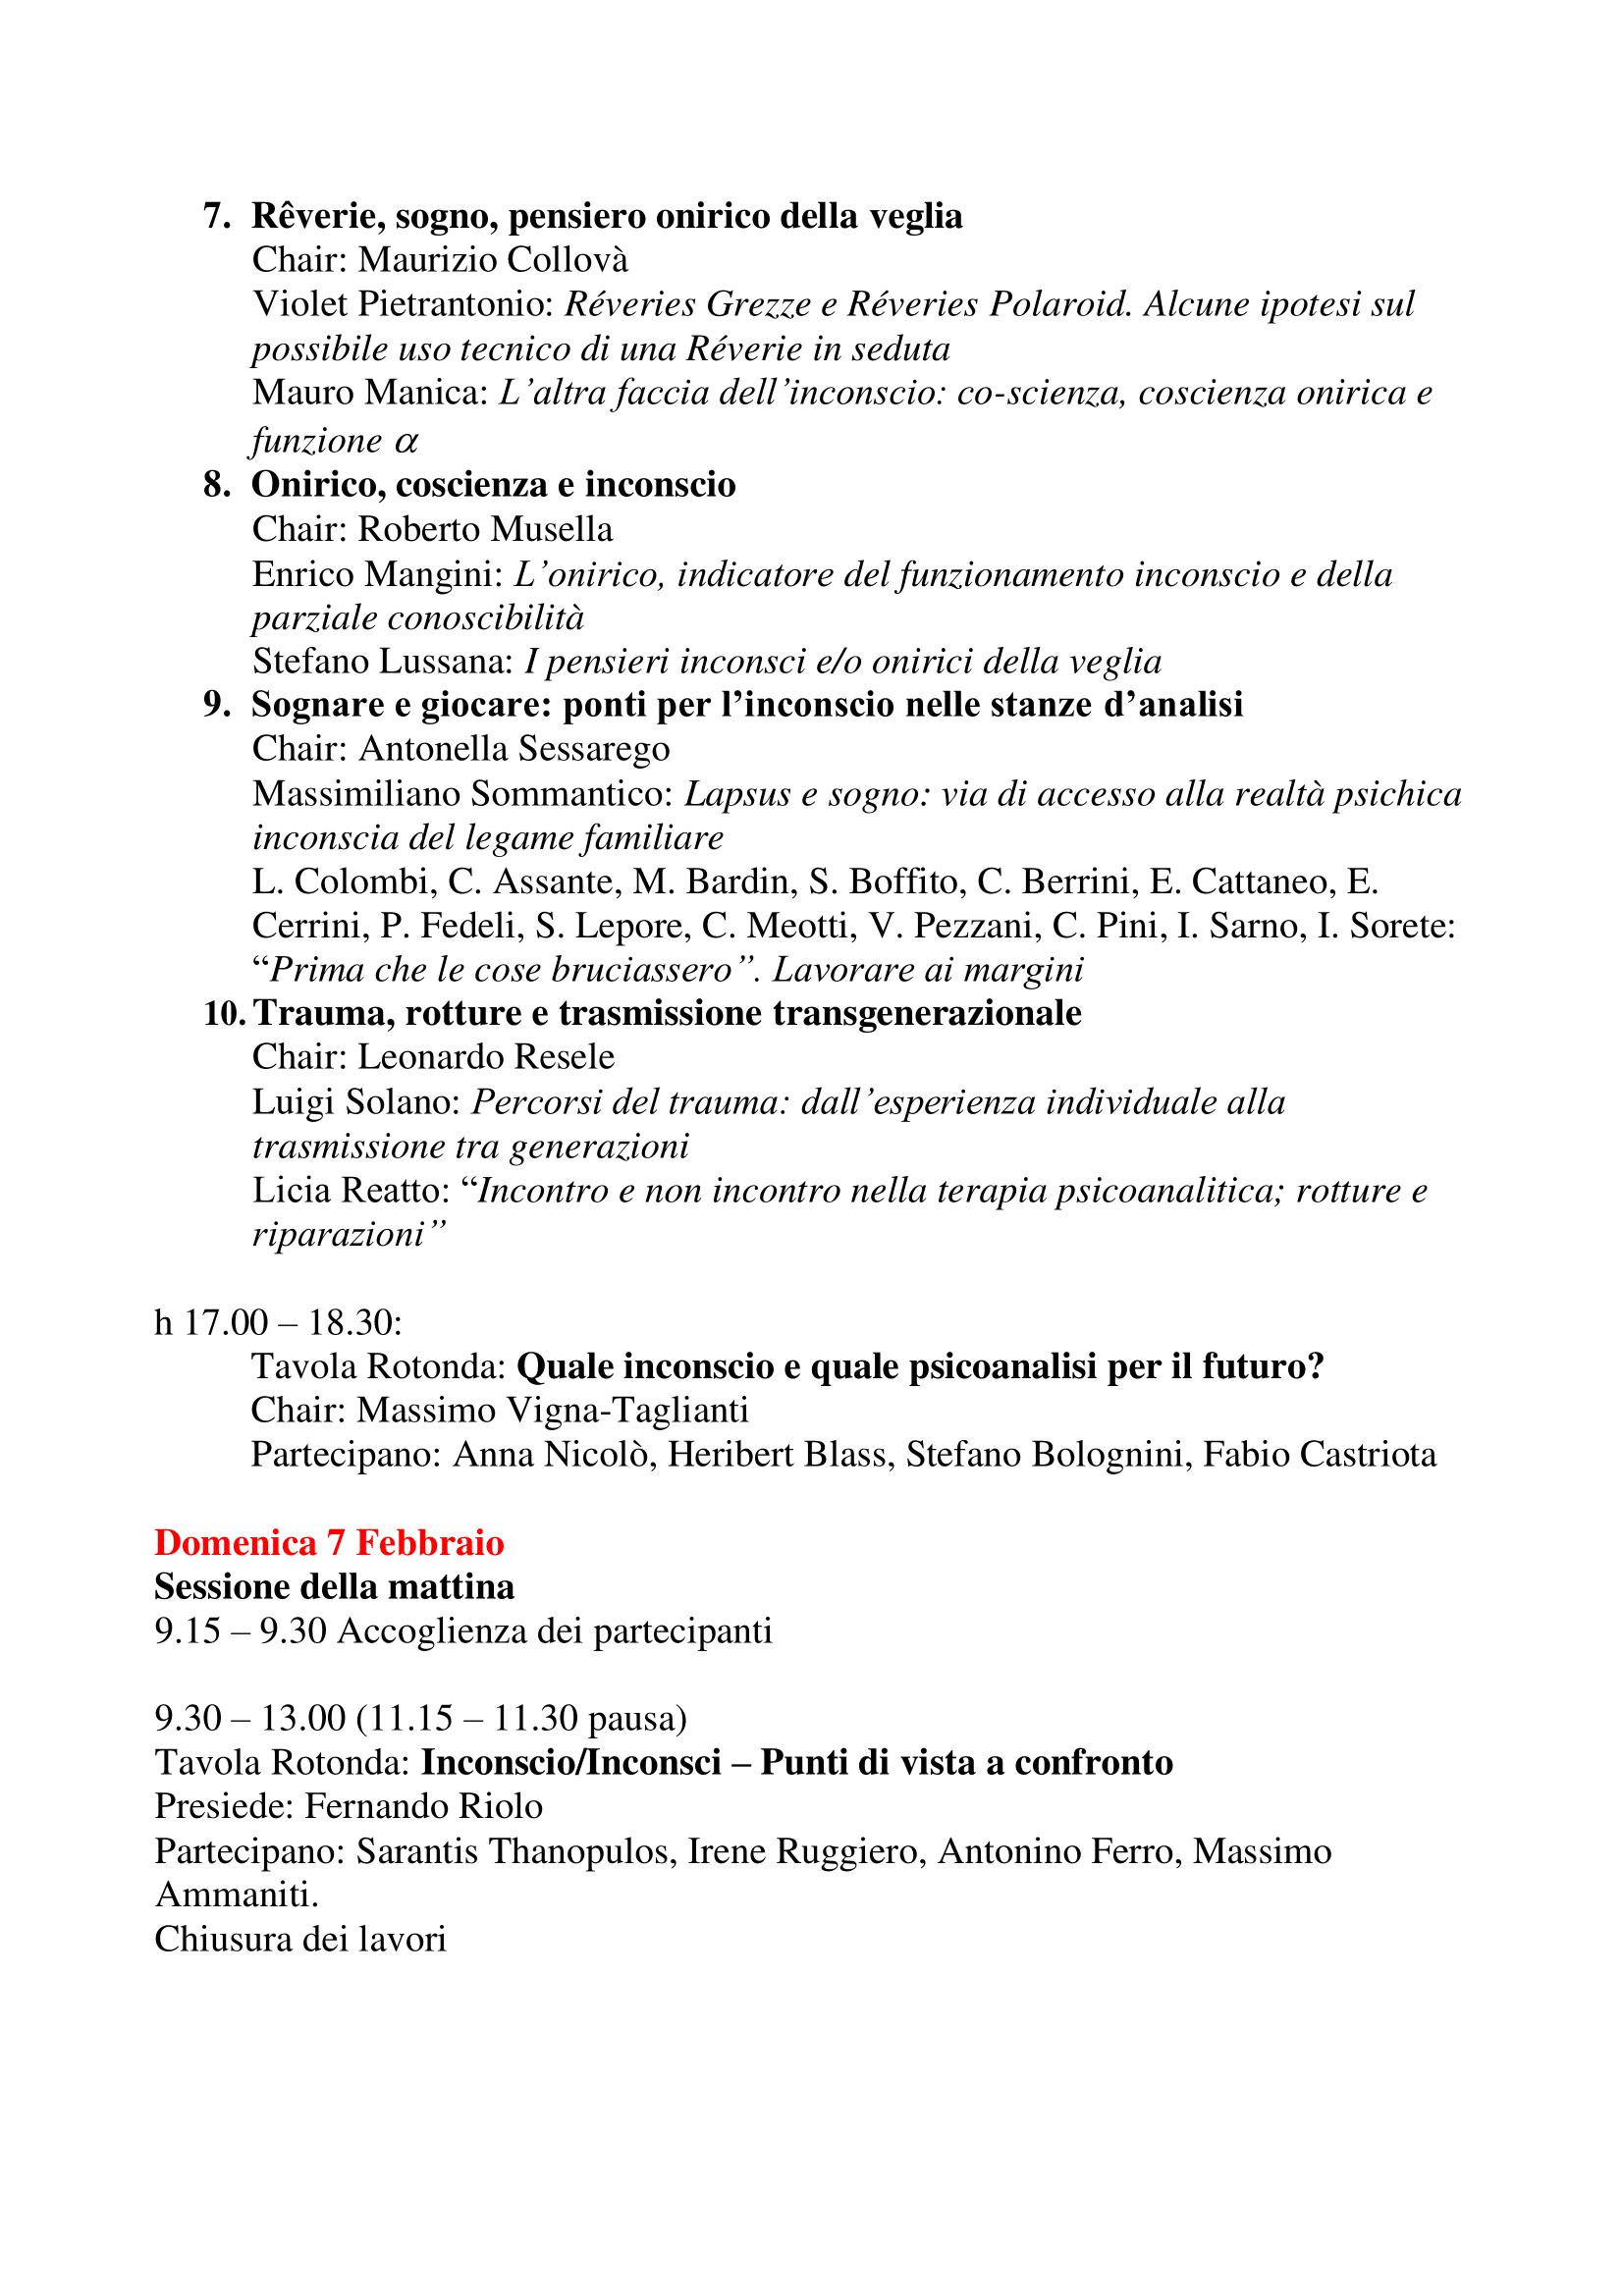 programmaprovvisorio versione30dicembrequaterok 5